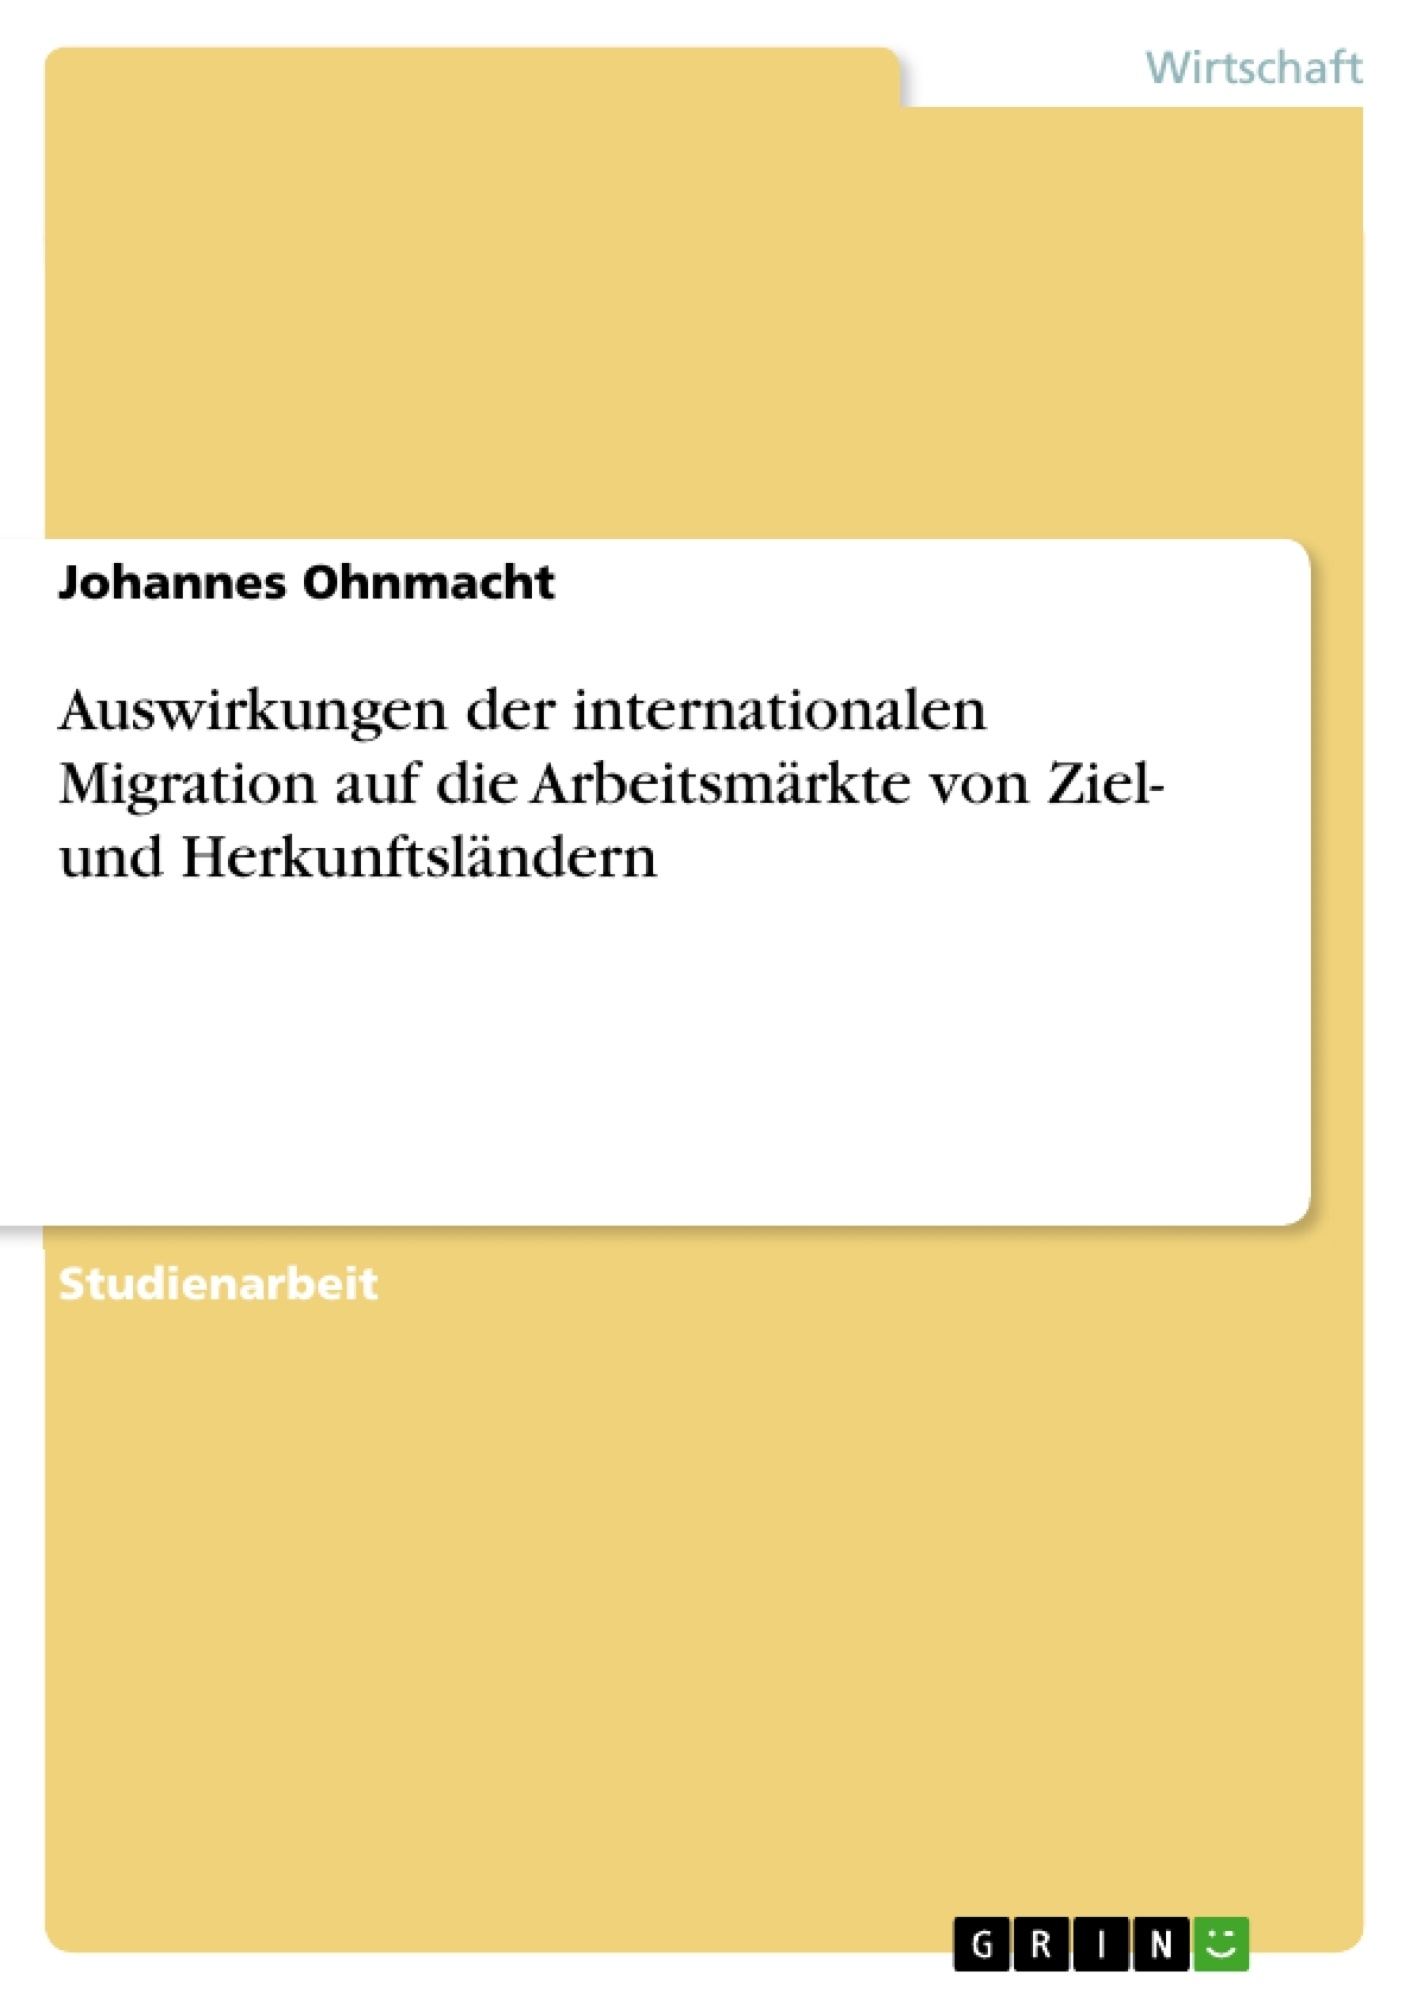 Titel: Auswirkungen der internationalen Migration auf die Arbeitsmärkte von Ziel- und Herkunftsländern